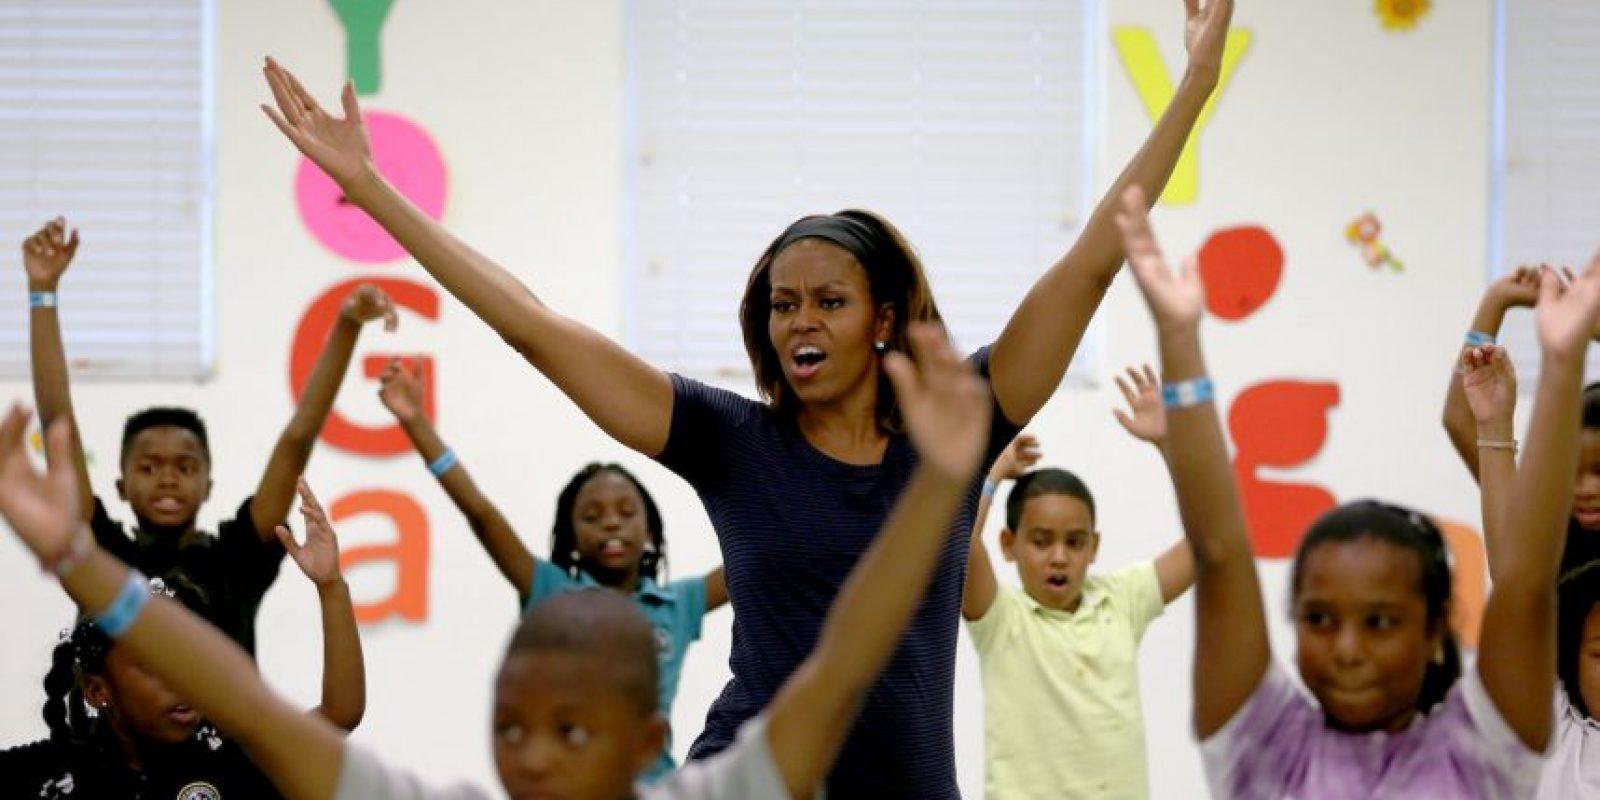 12. También señalan cambios en el estilo de vida de los menores, tales como el escaso ejercicio que practican y el sedentarismo a causa de Internet. Foto:Getty